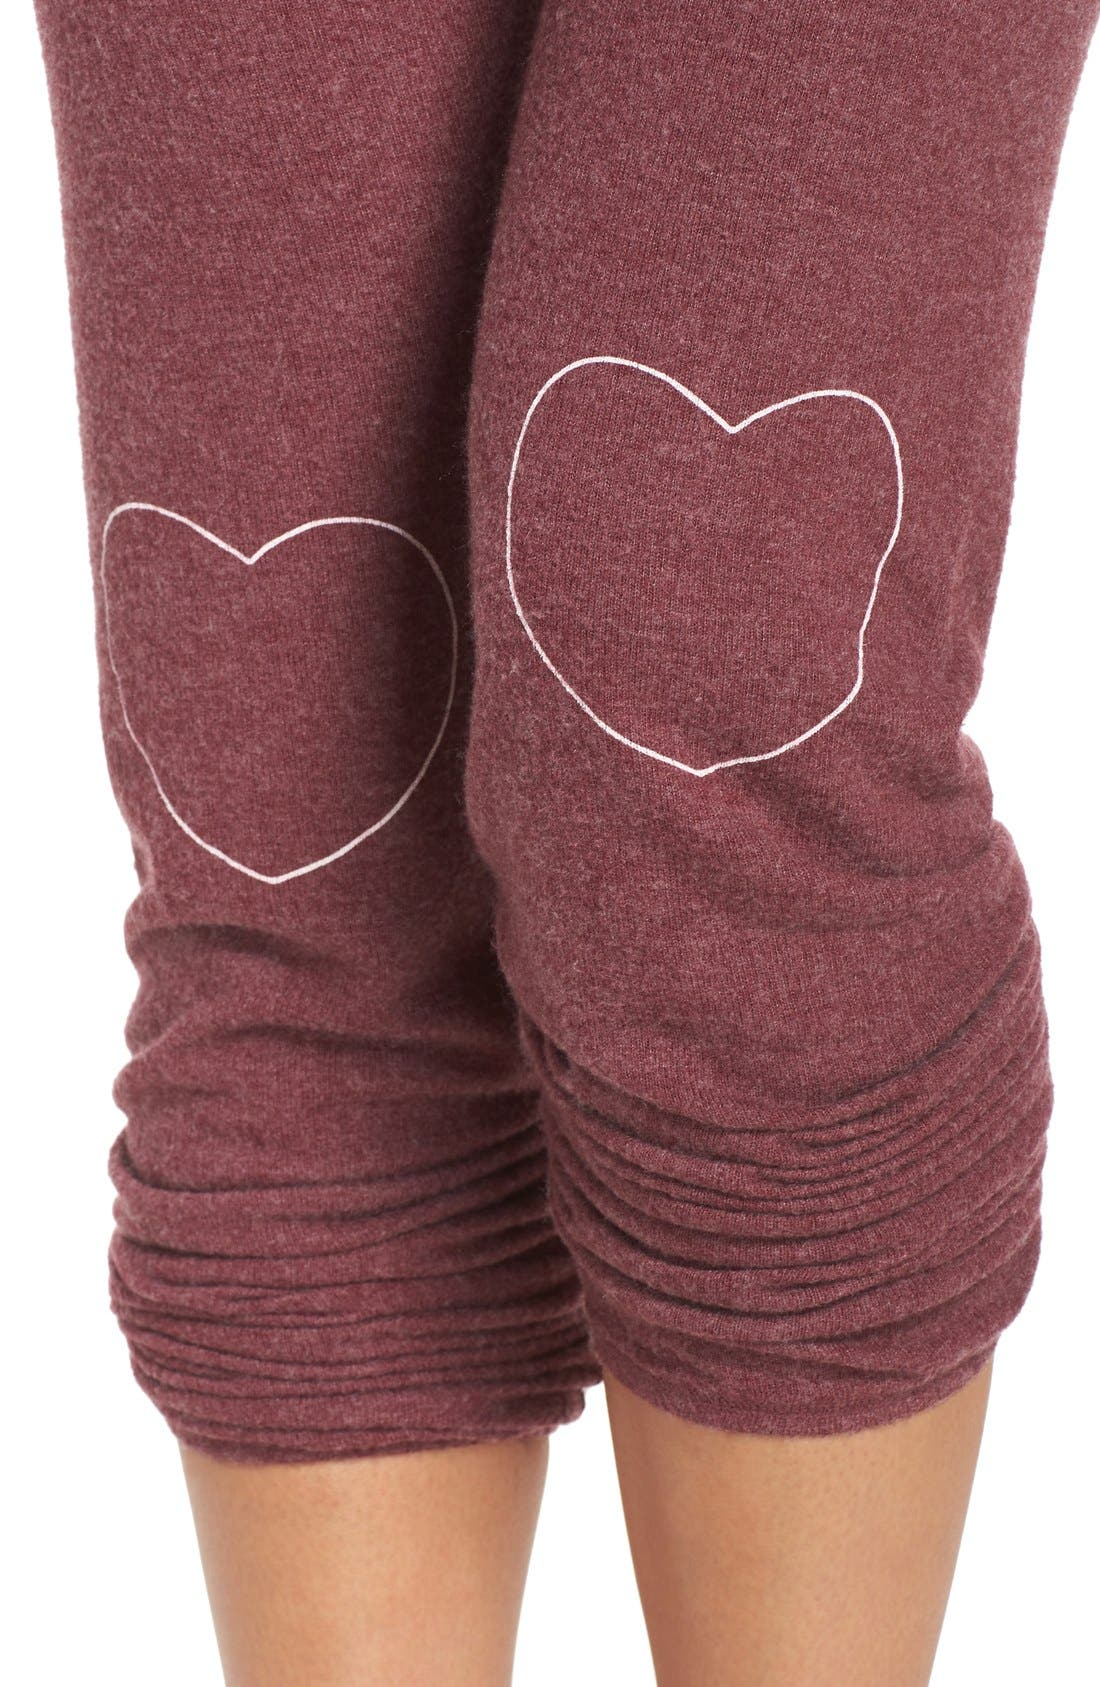 Heart Graphic Hacci Sweatpants,                             Alternate thumbnail 5, color,                             930